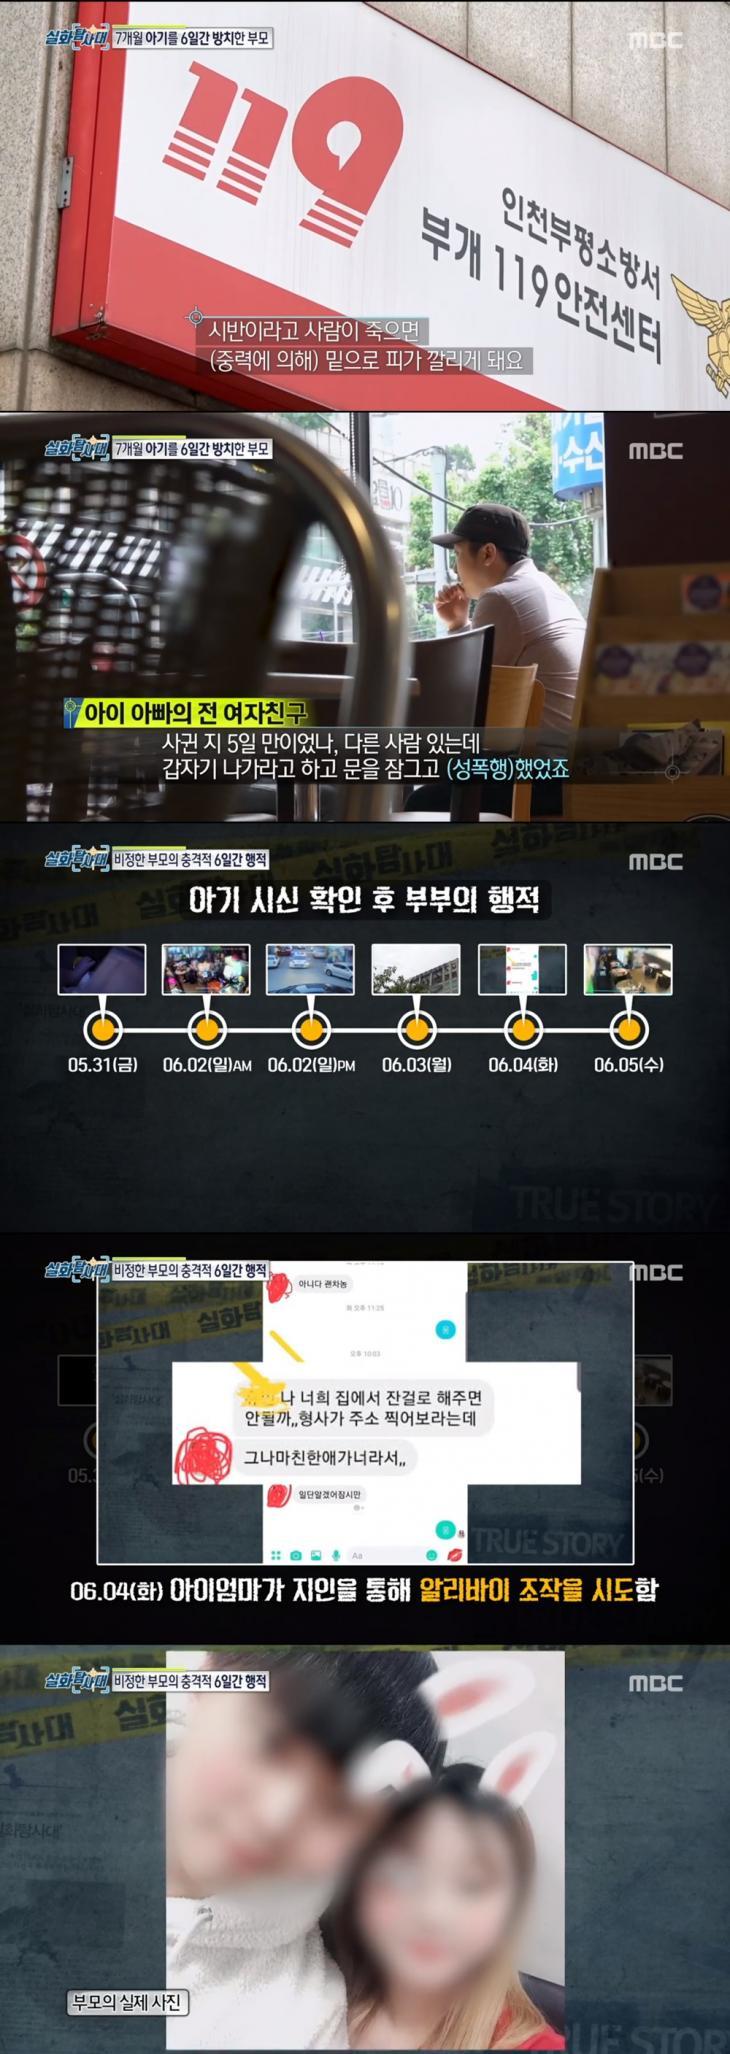 MBC '실화탐사대' 방송 캡쳐